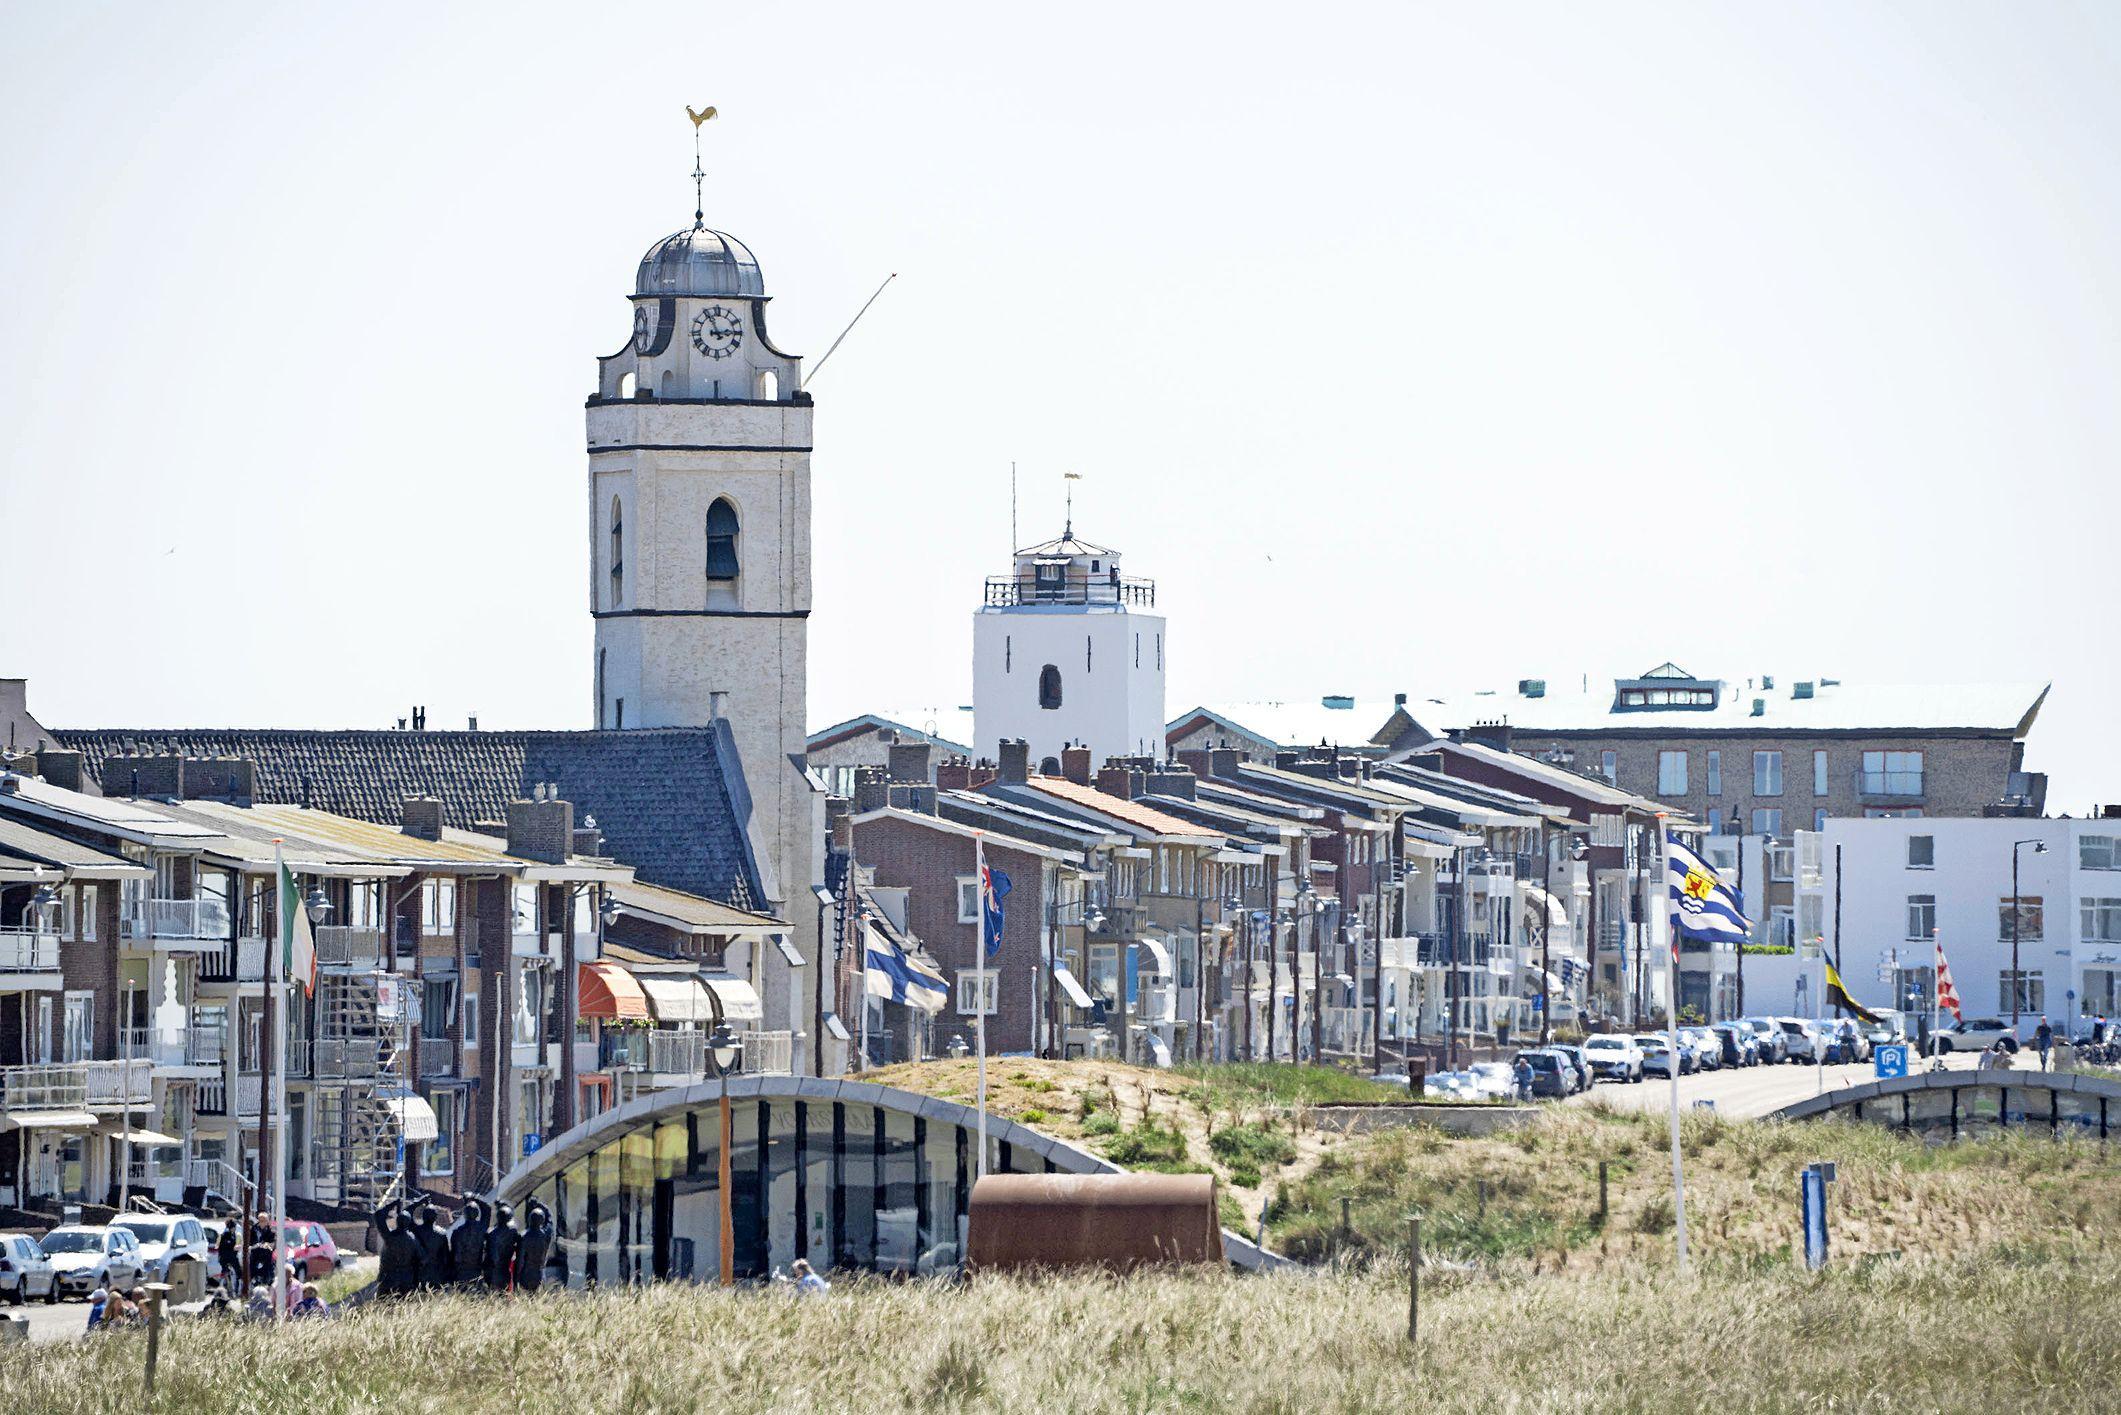 Katwijkse raadsleden zijn gedraal gemeentebestuur zat bij aanpakken toeristische verhuur: 'Woningen zijn om in te wonen, niet om mee te cashen'